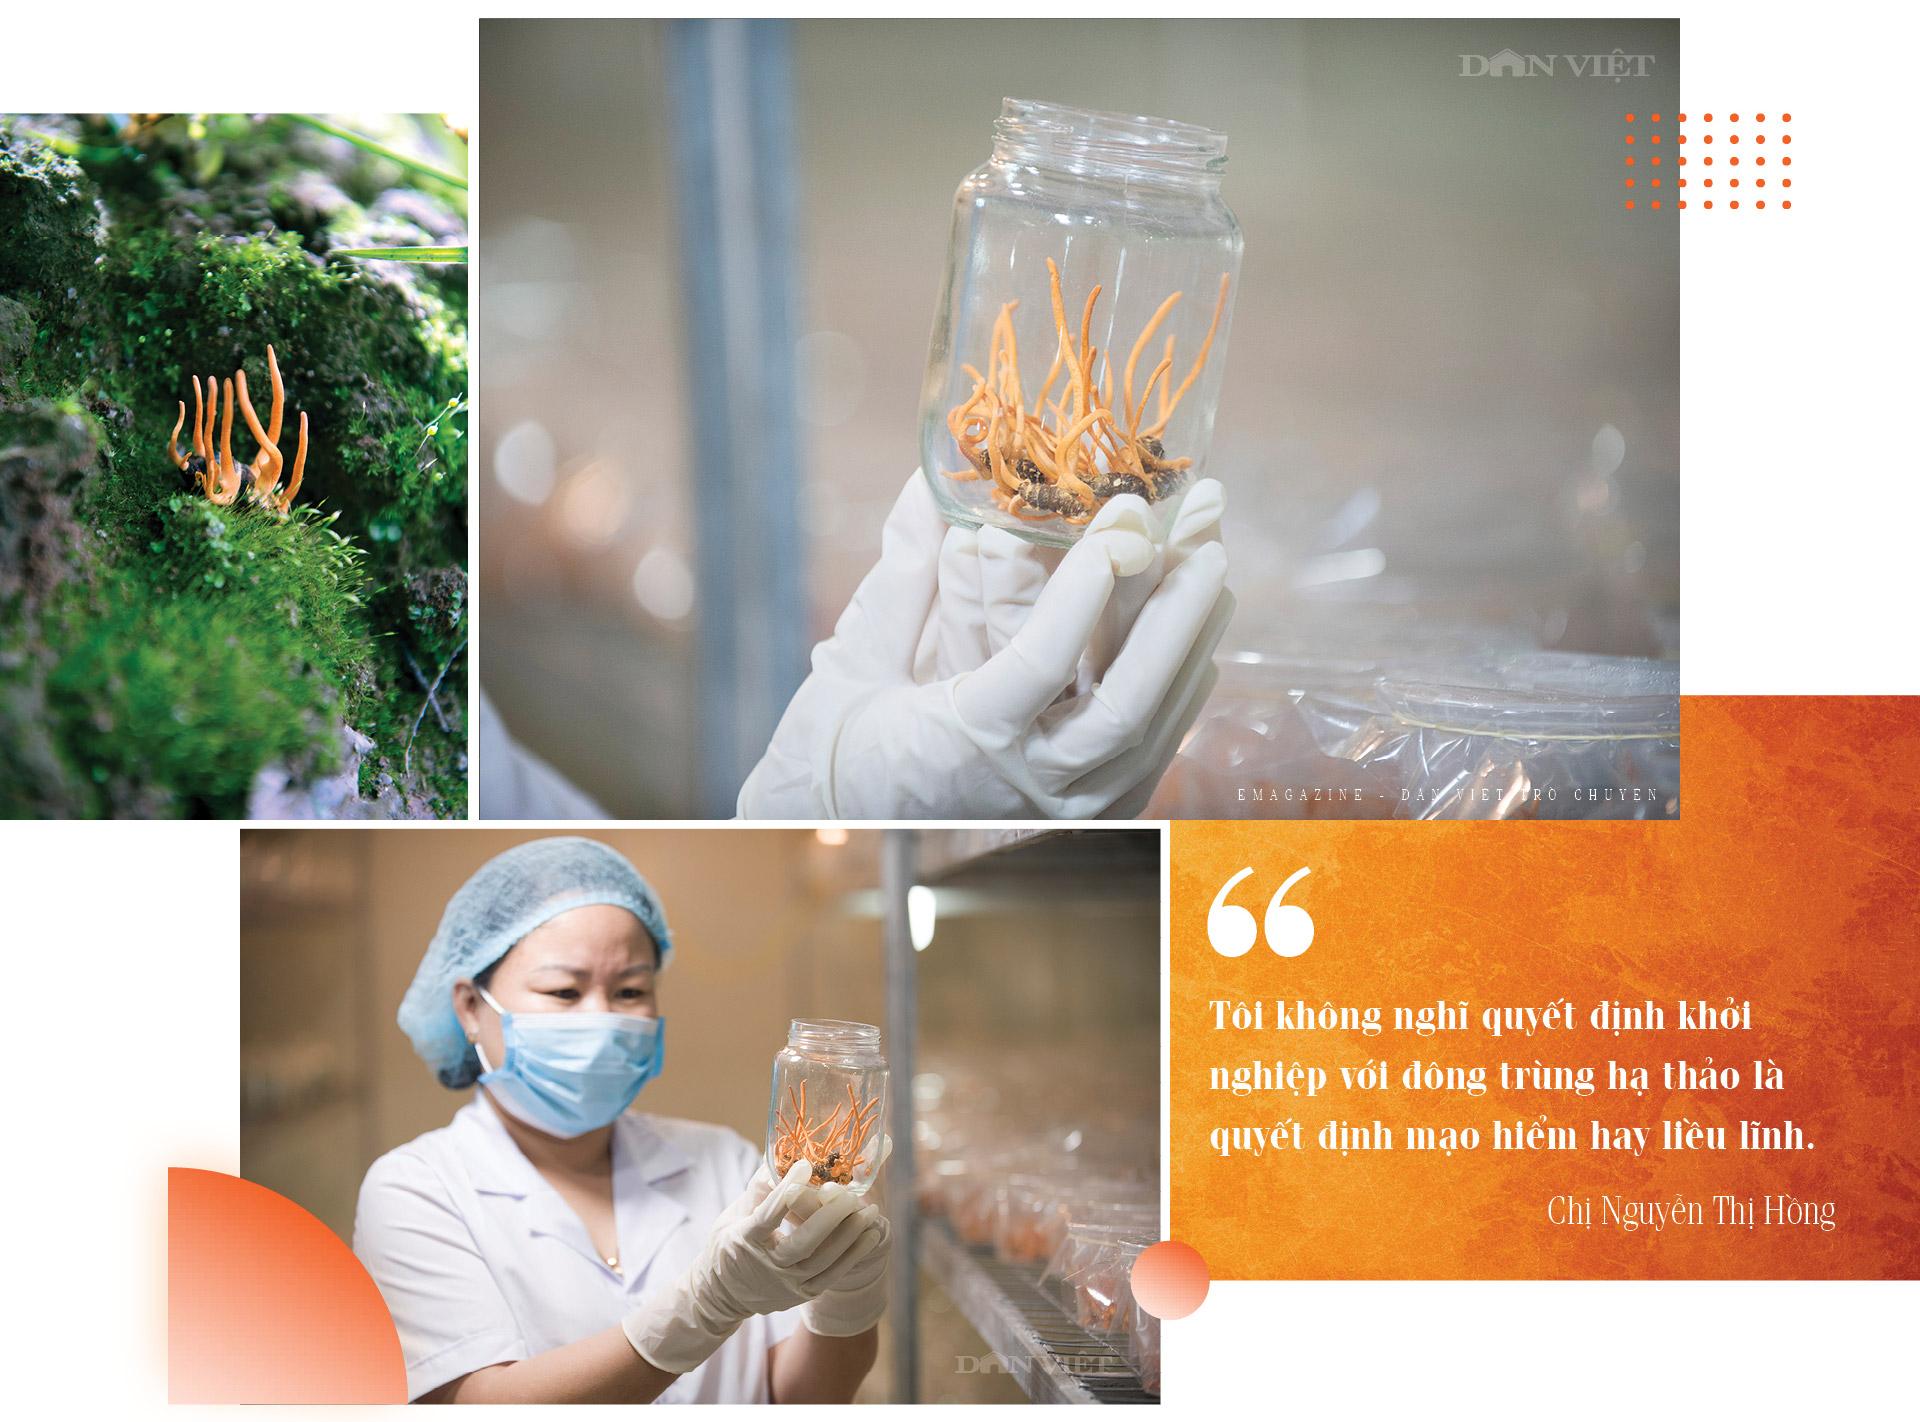 """Tỷ phú Nông dân Việt Nam xuất sắc 2021 Nguyễn Thị Hồng: Hành trình chinh phục  """"vàng mềm"""" siêu đắt đỏ  - Ảnh 4."""